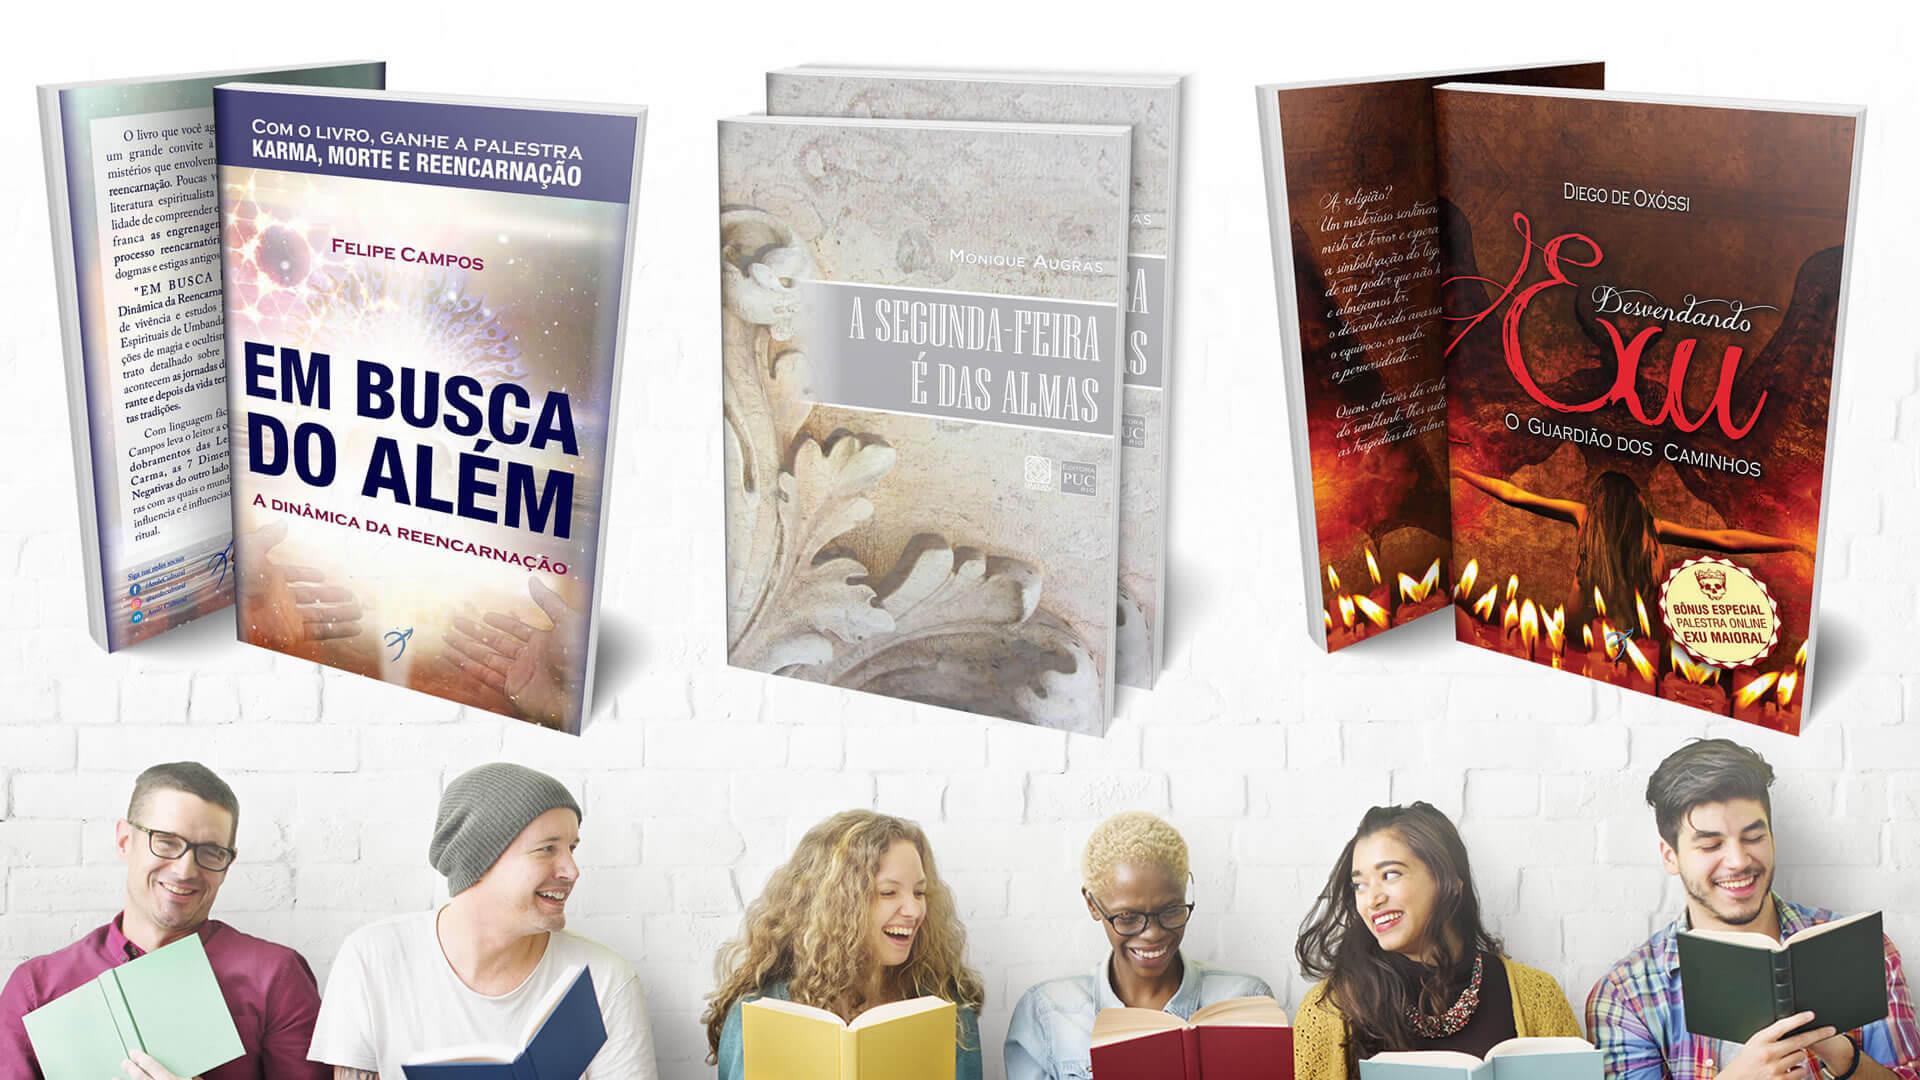 Clube Arole: Conheça os Livros do Kit Literário de Junho